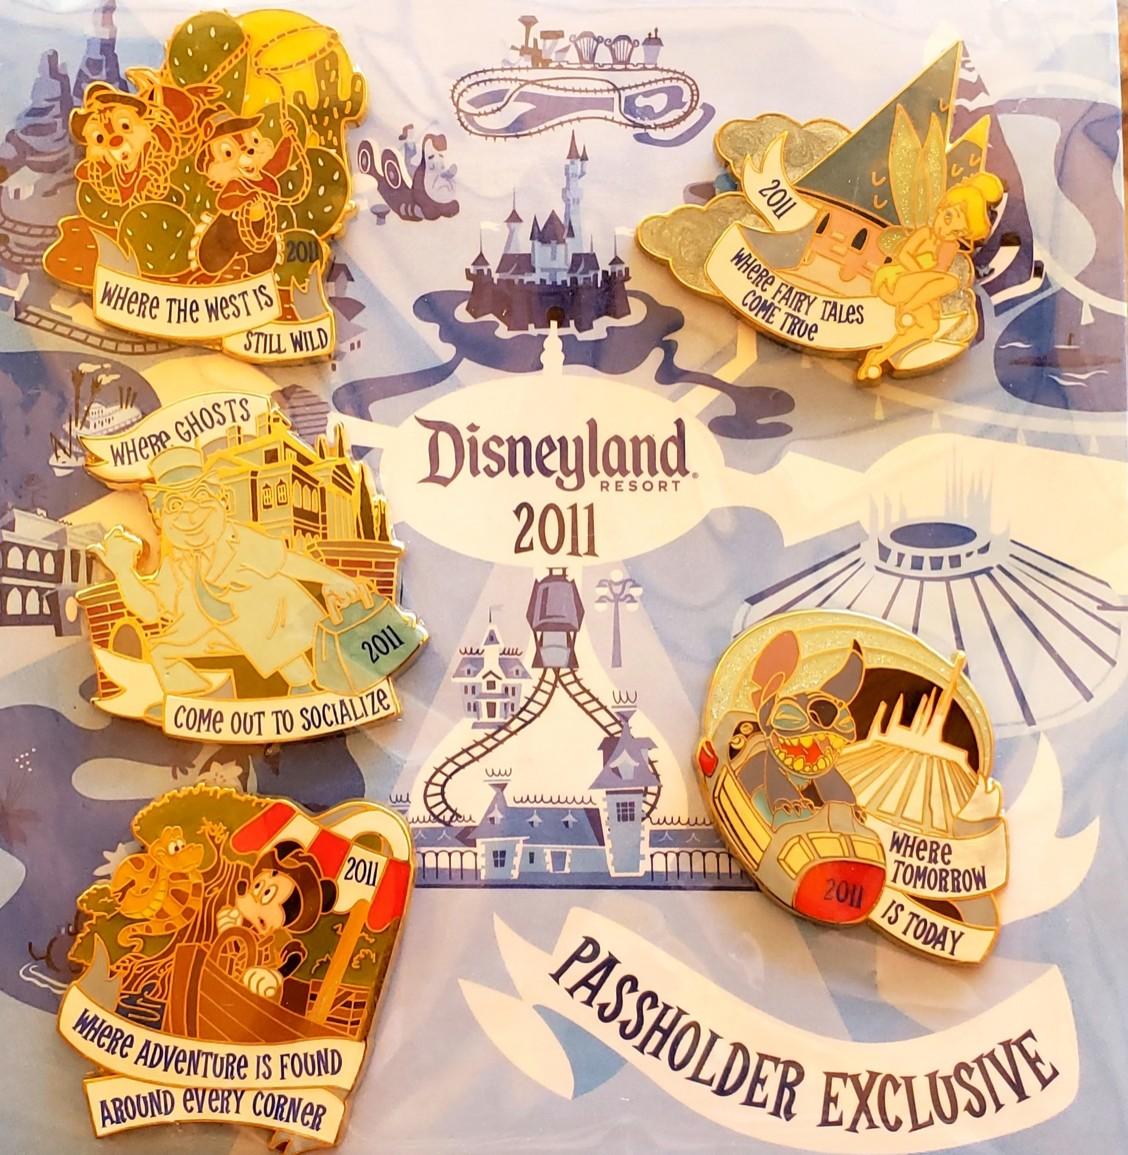 Disneyland Resort 55th Anniversary